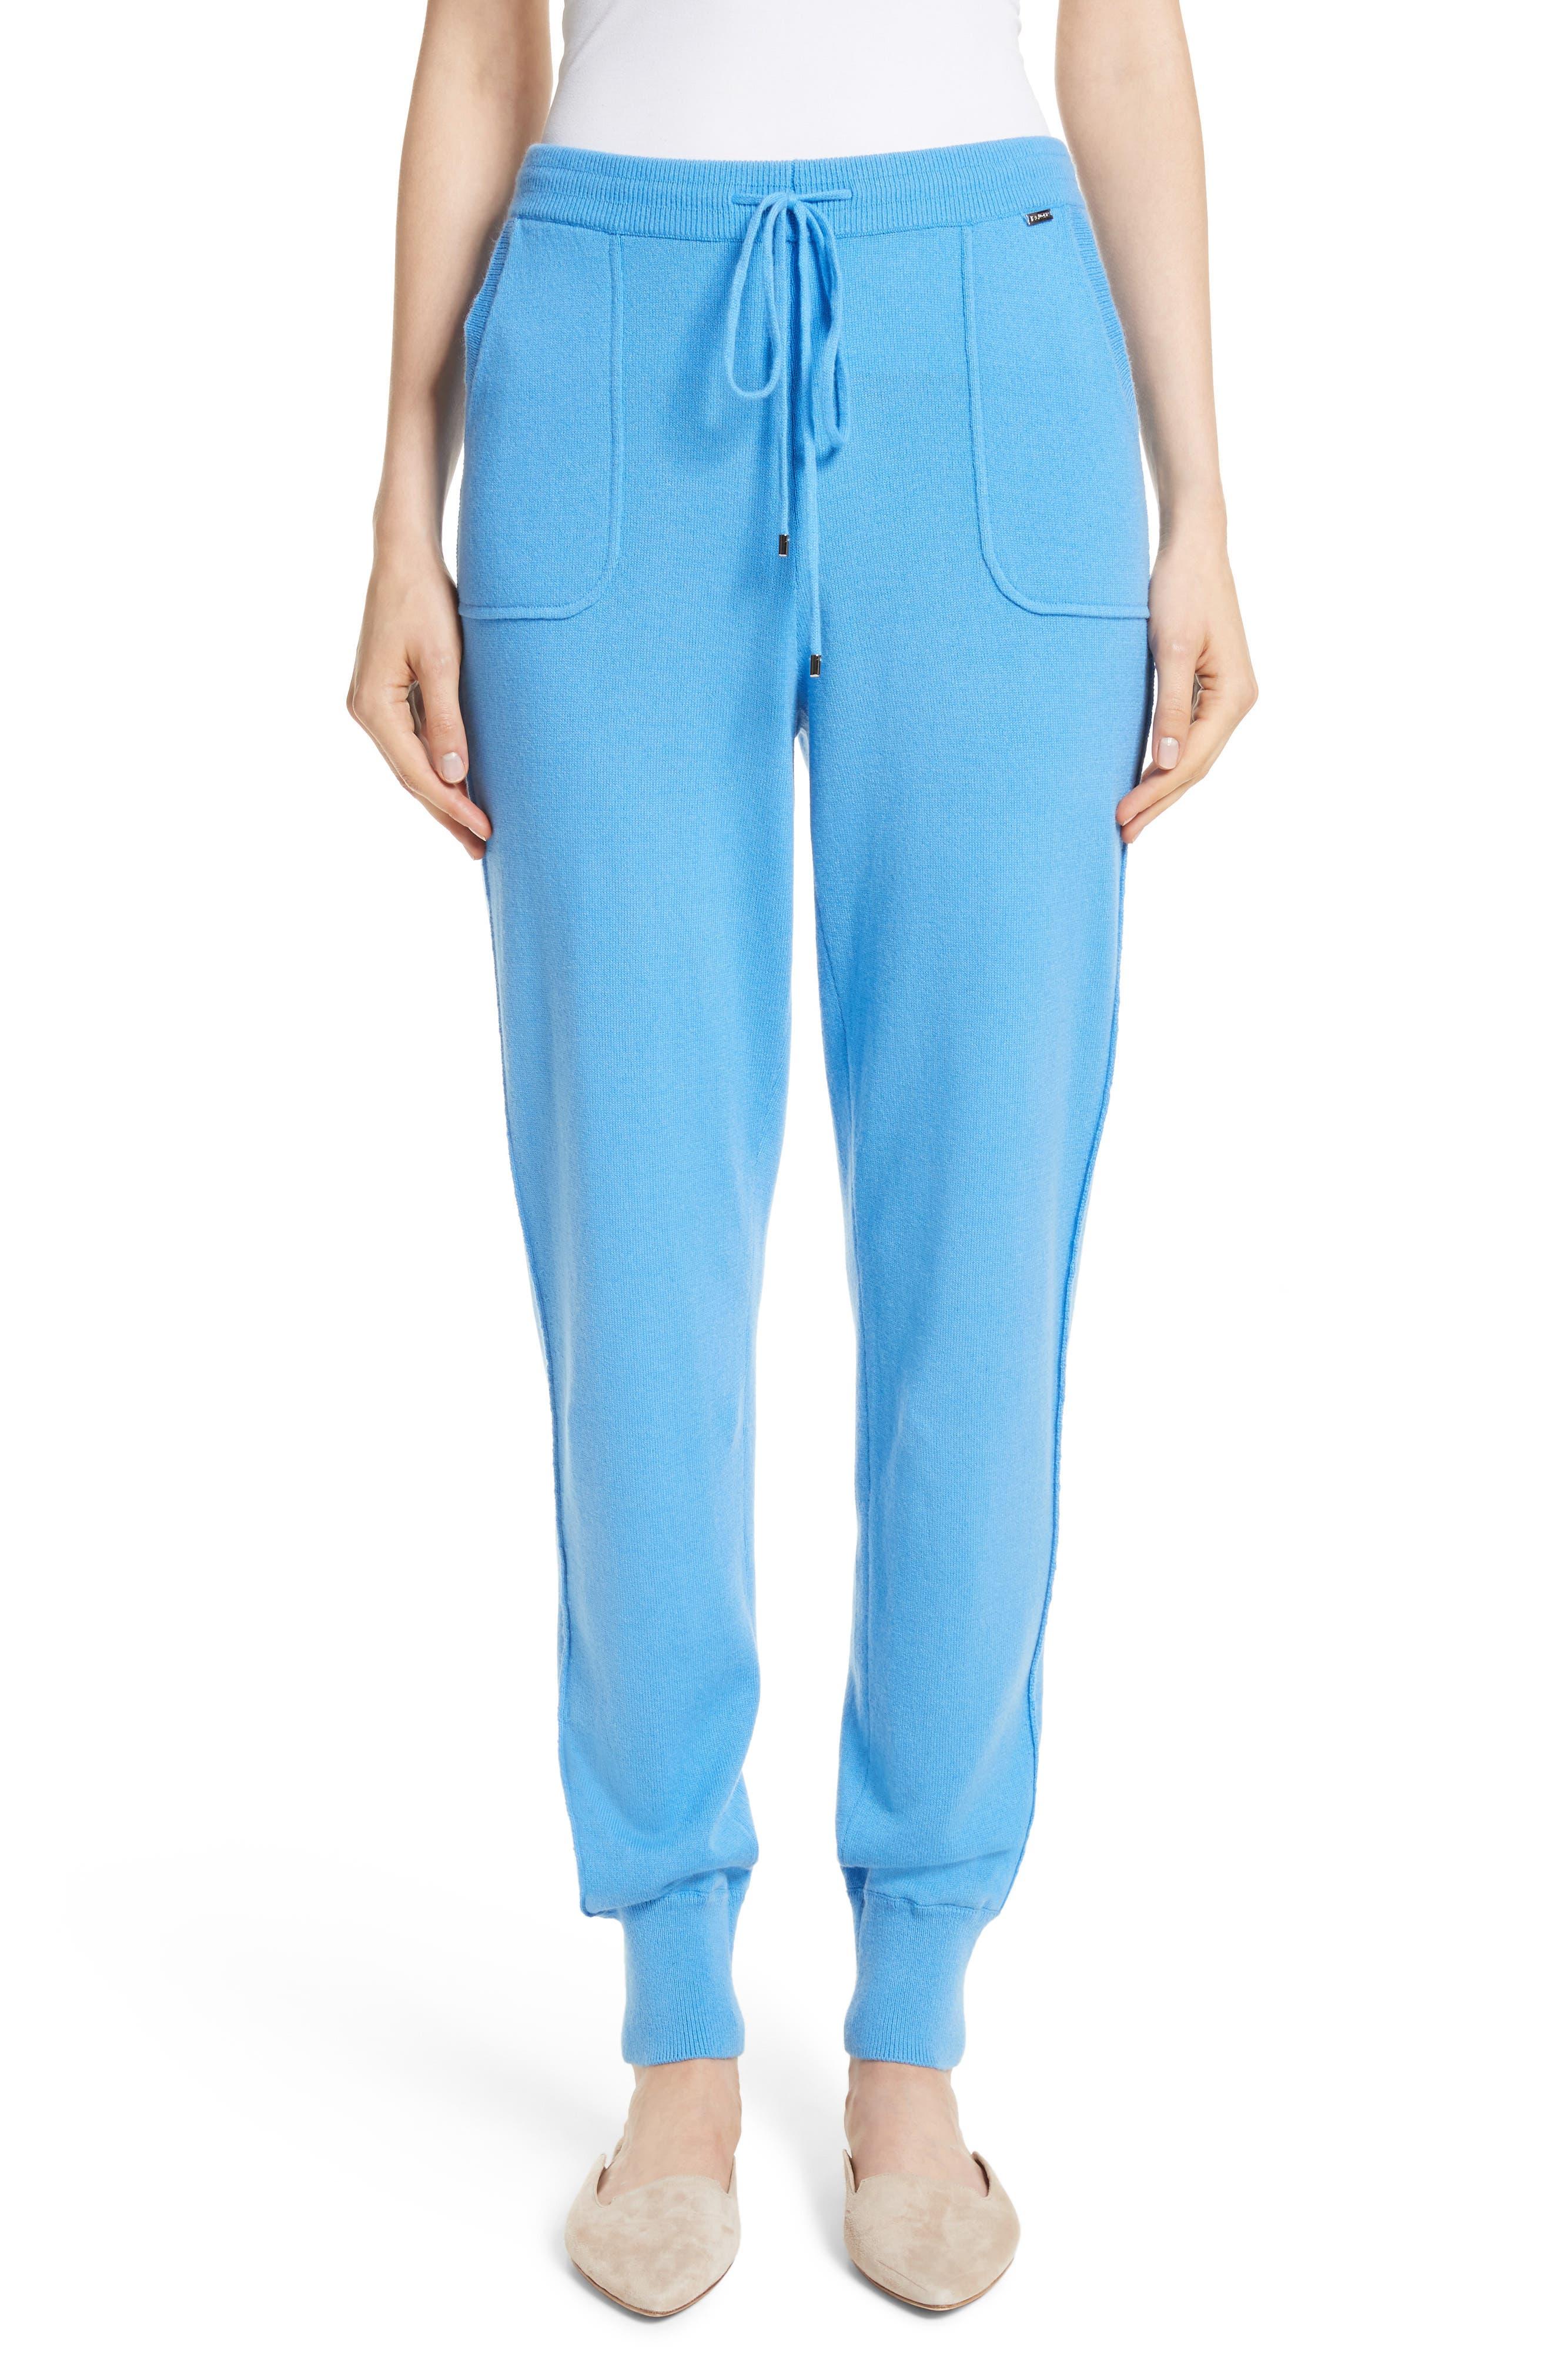 Cashmere Jersey Pants,                             Main thumbnail 1, color,                             420